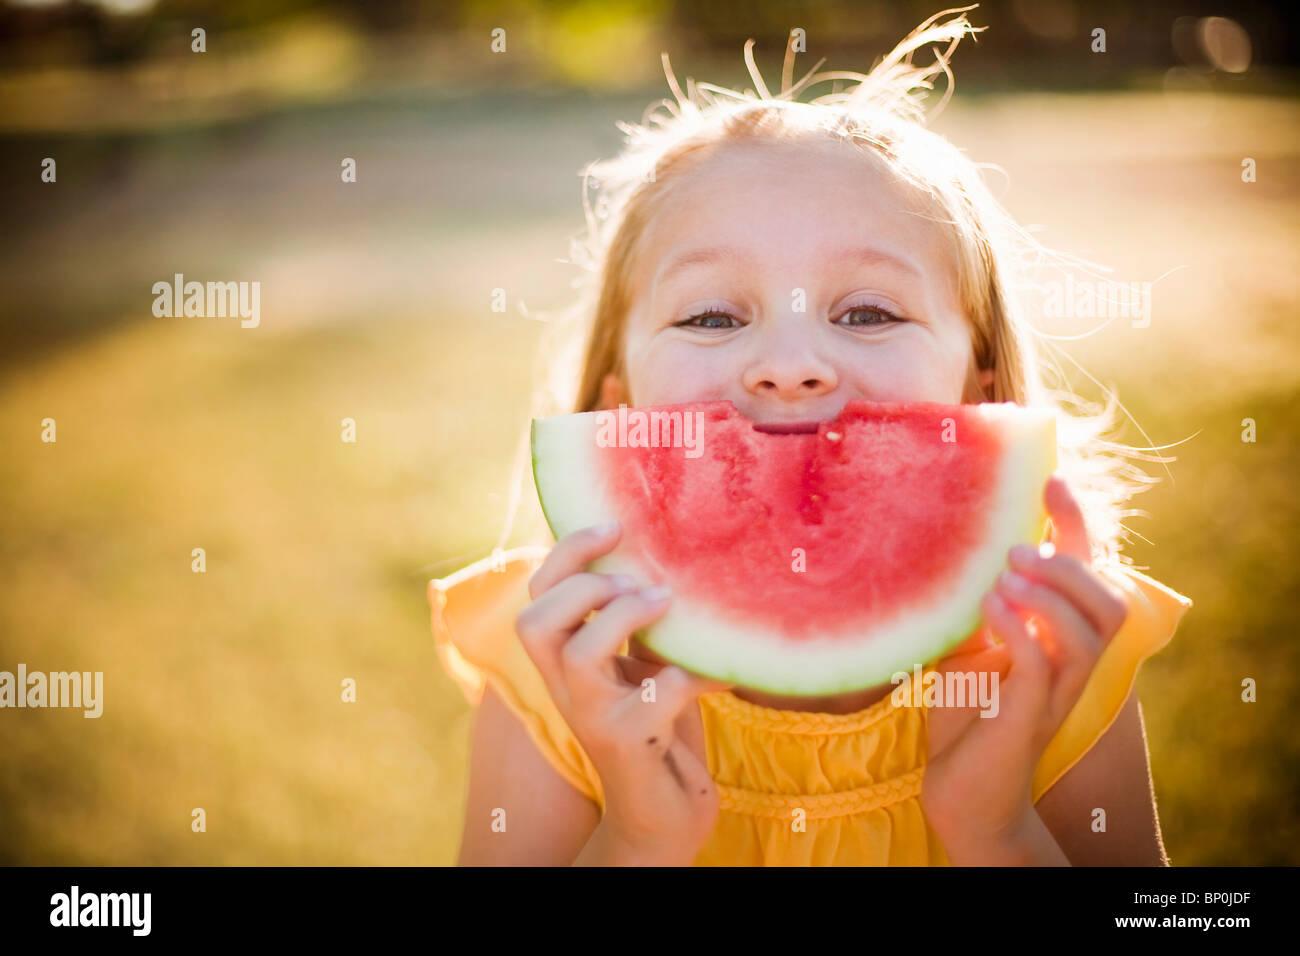 Jeune fille faisant sourire avec watermelon Banque D'Images